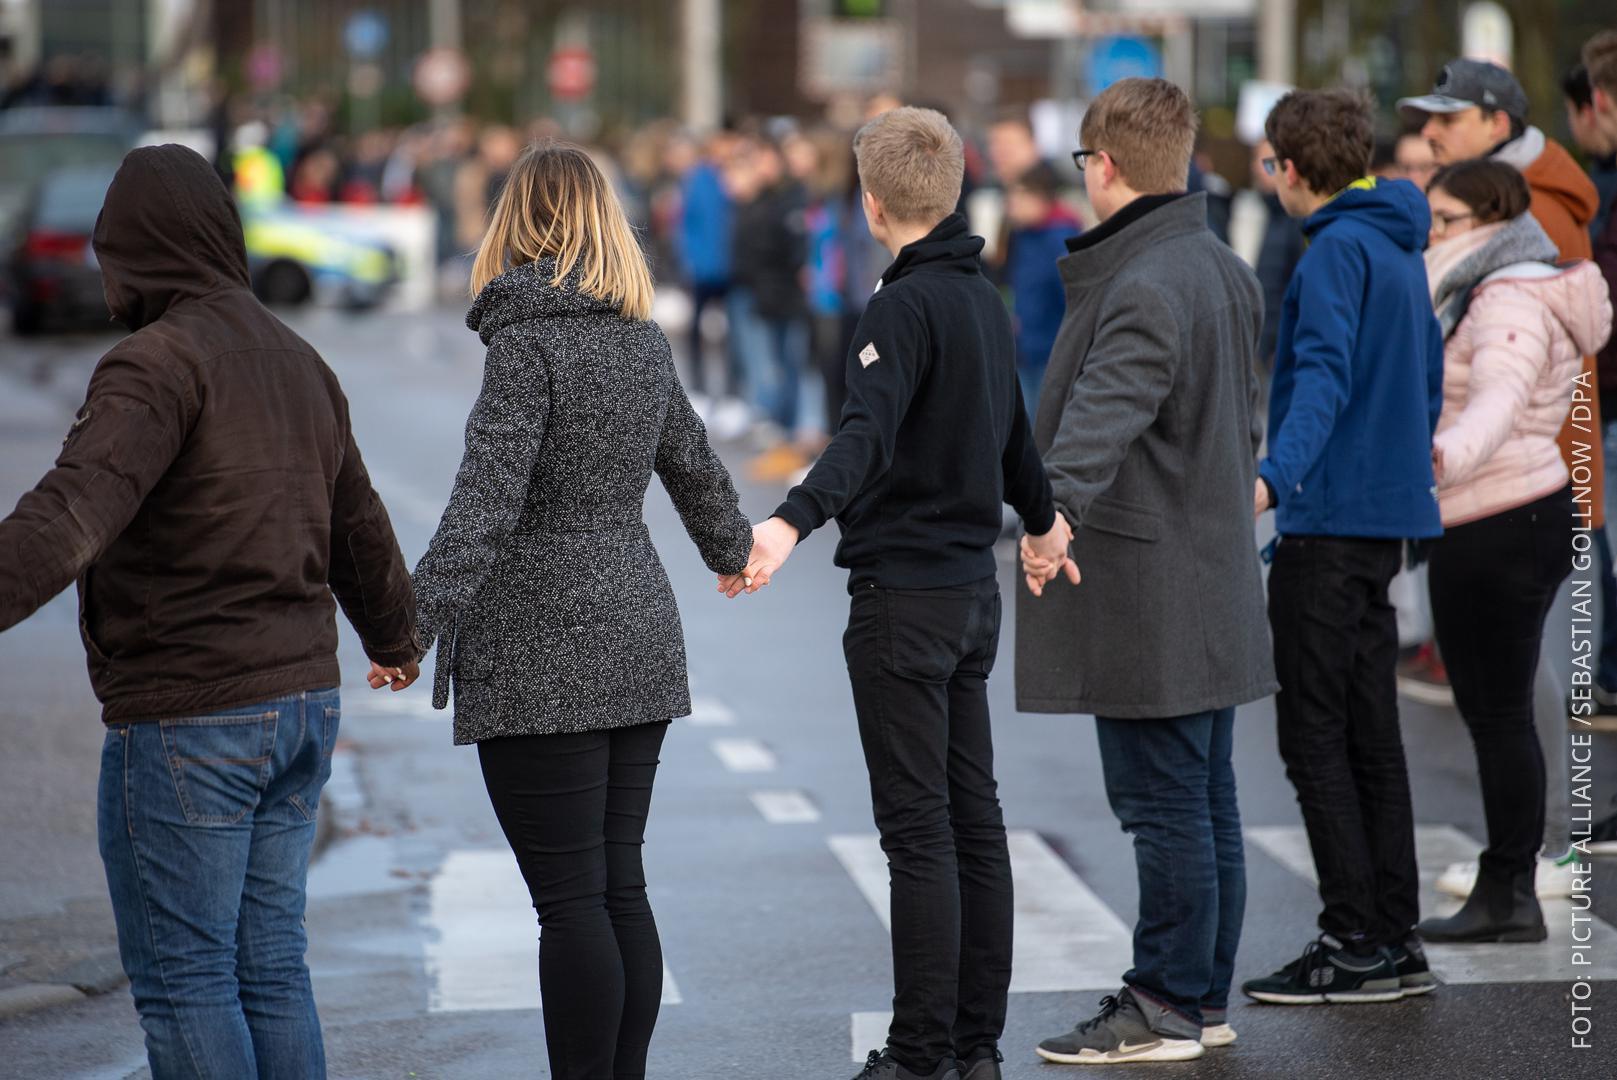 Schüler stehen während der Gedenkfeier zum 10. Jahrestag des Amoklaufs von Winnenden in einer Menschenkette